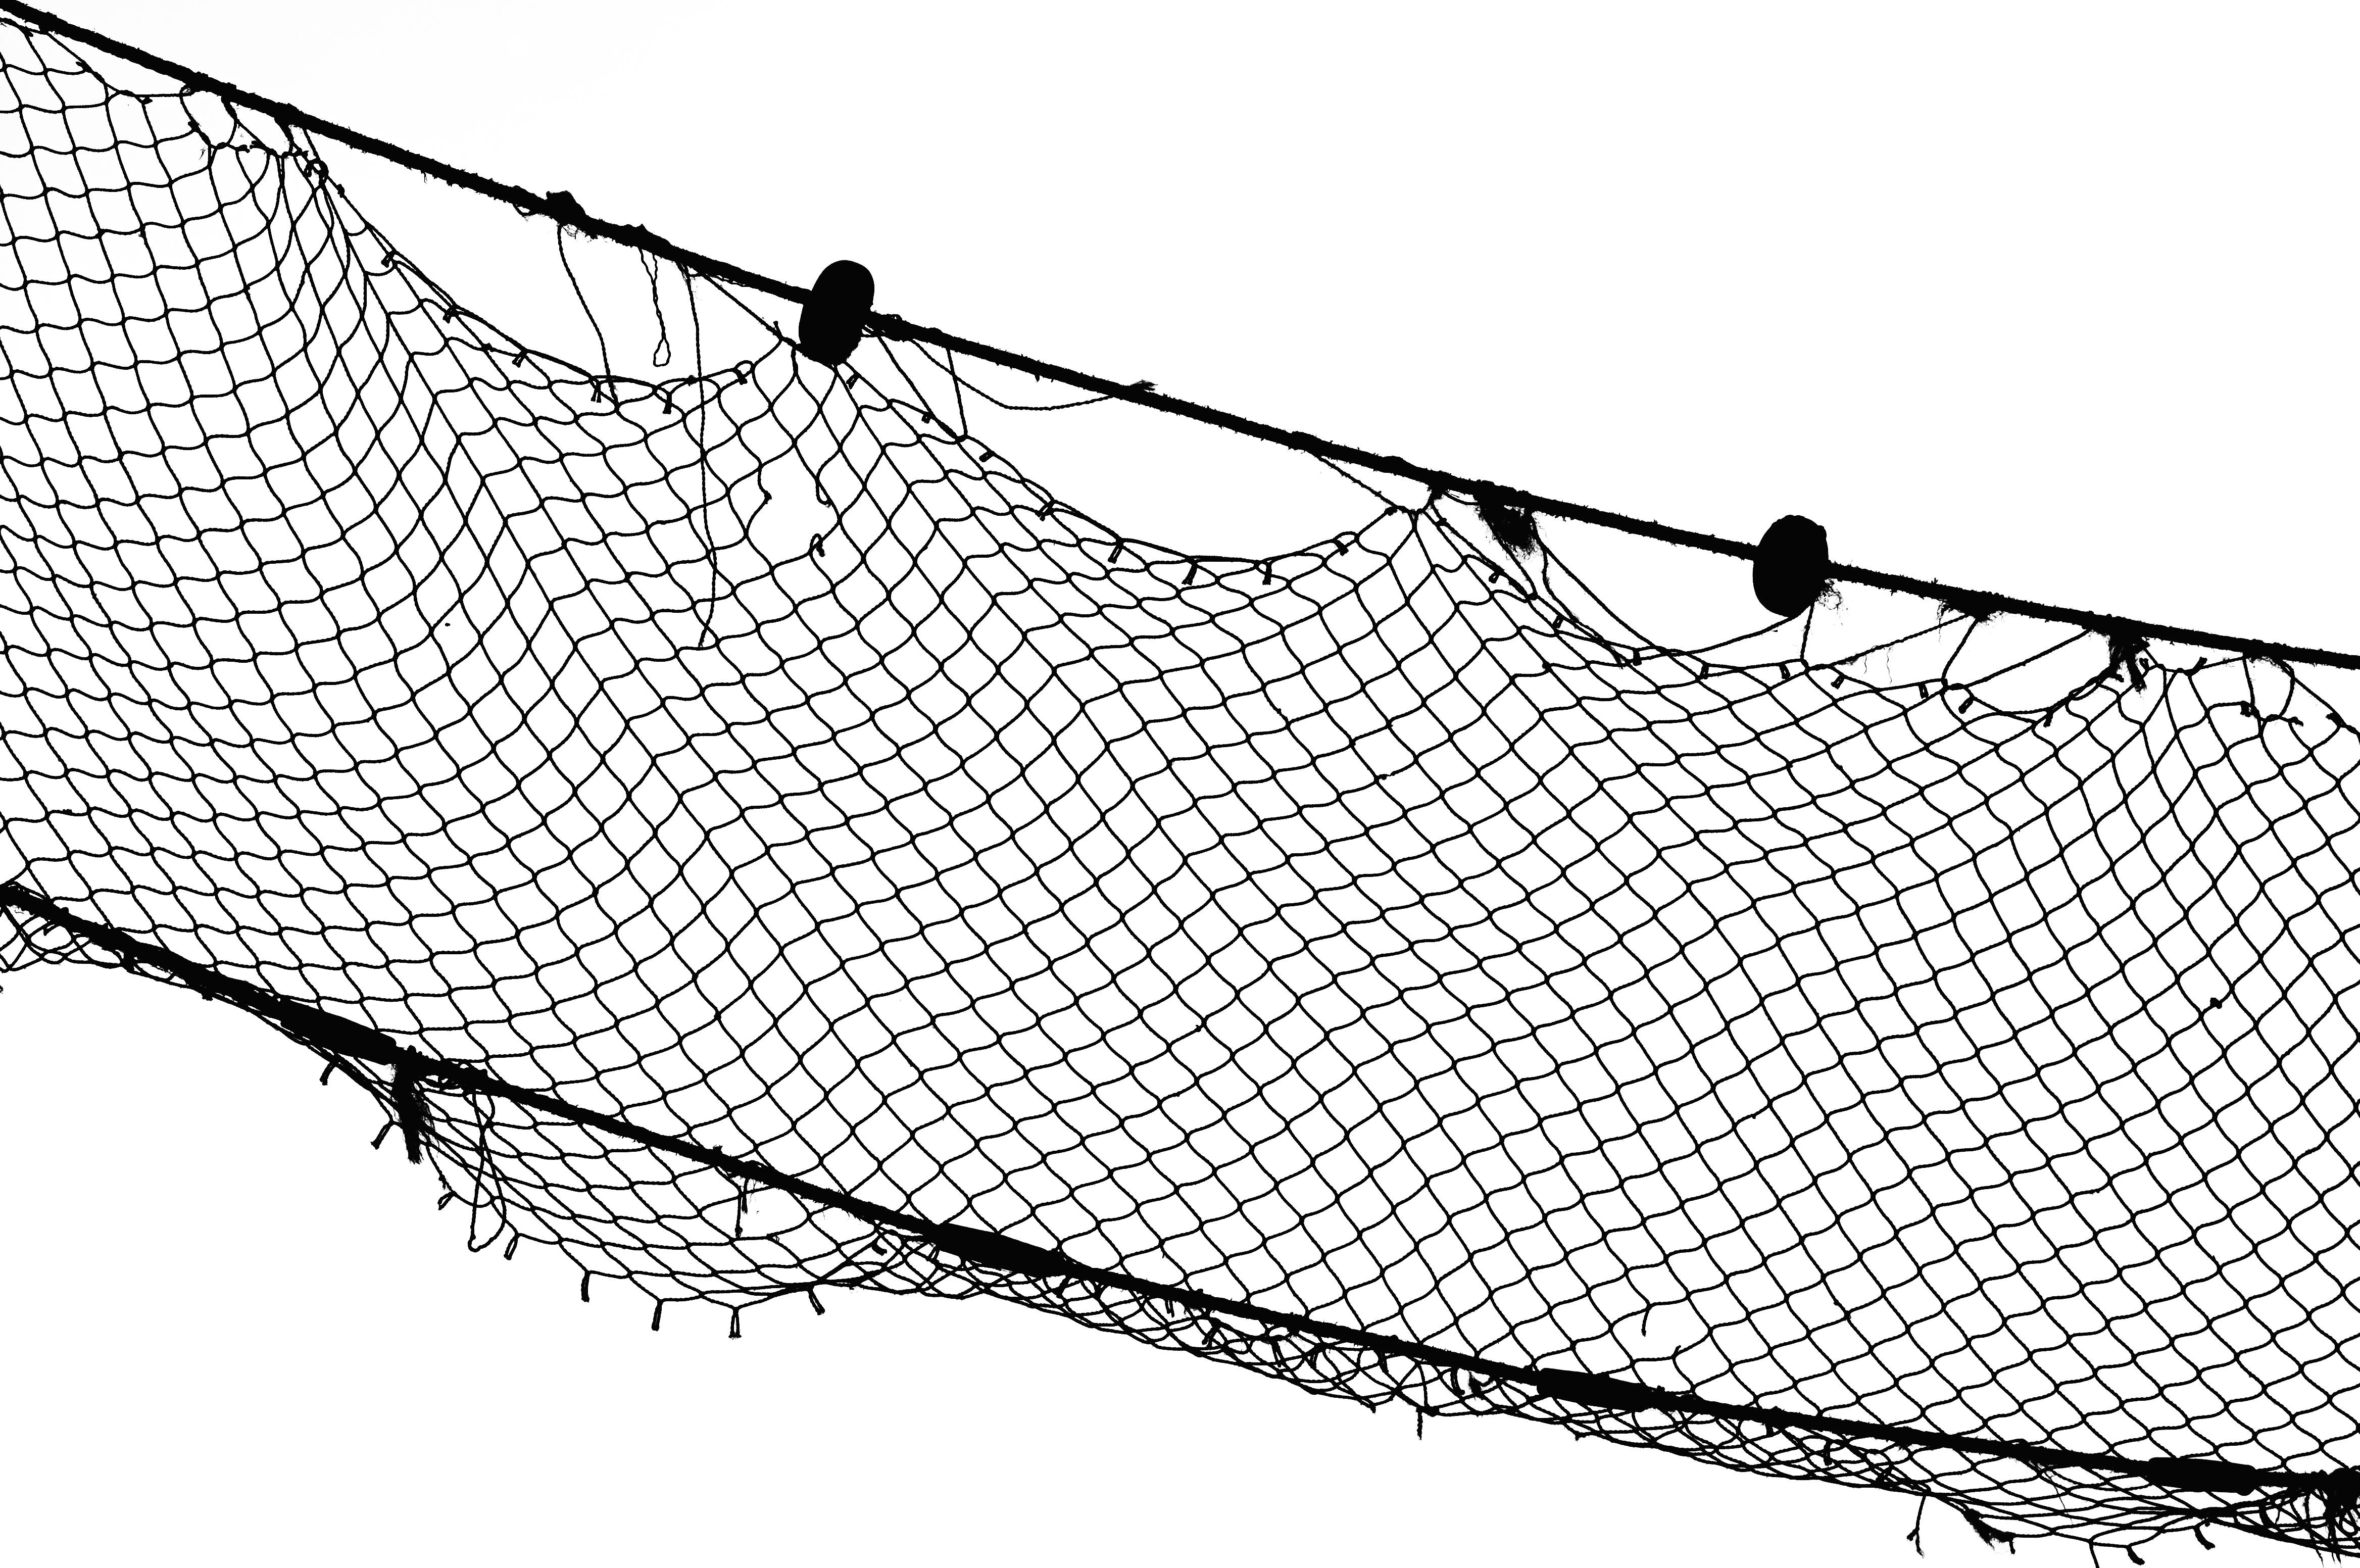 filefishing net imgp8396jpg